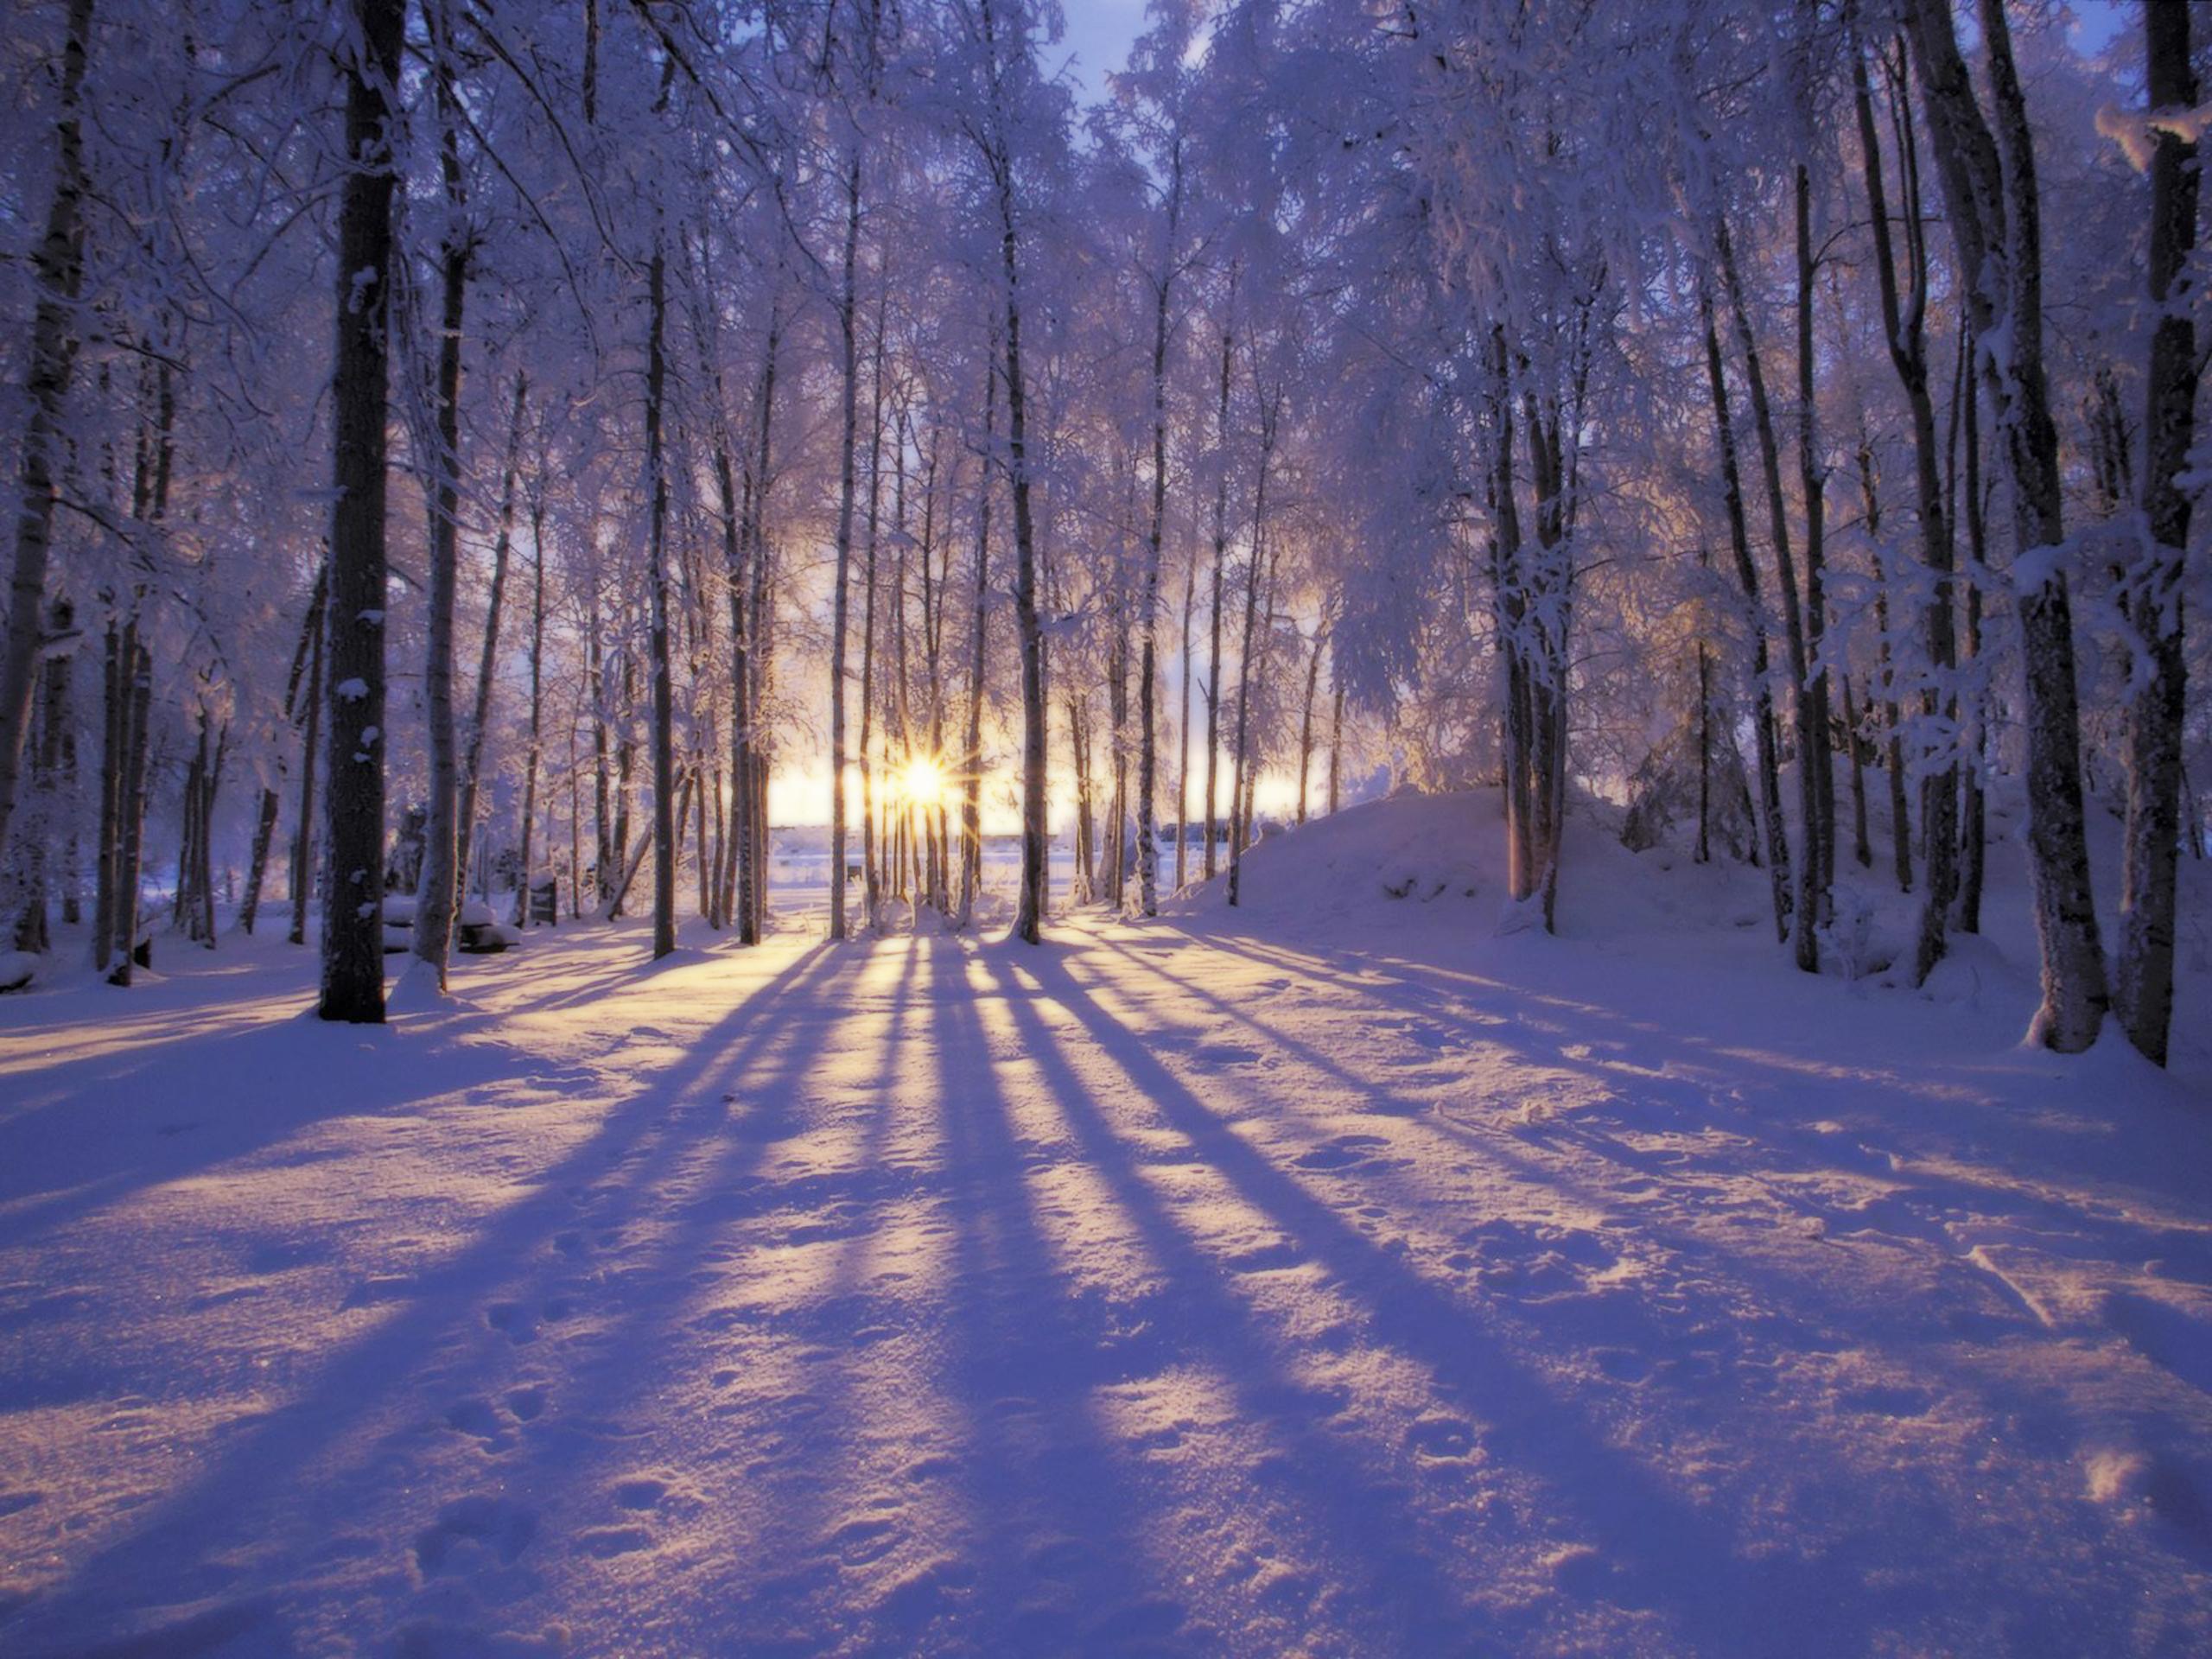 download winter desktop wallpaper winter desktop 2560x1920